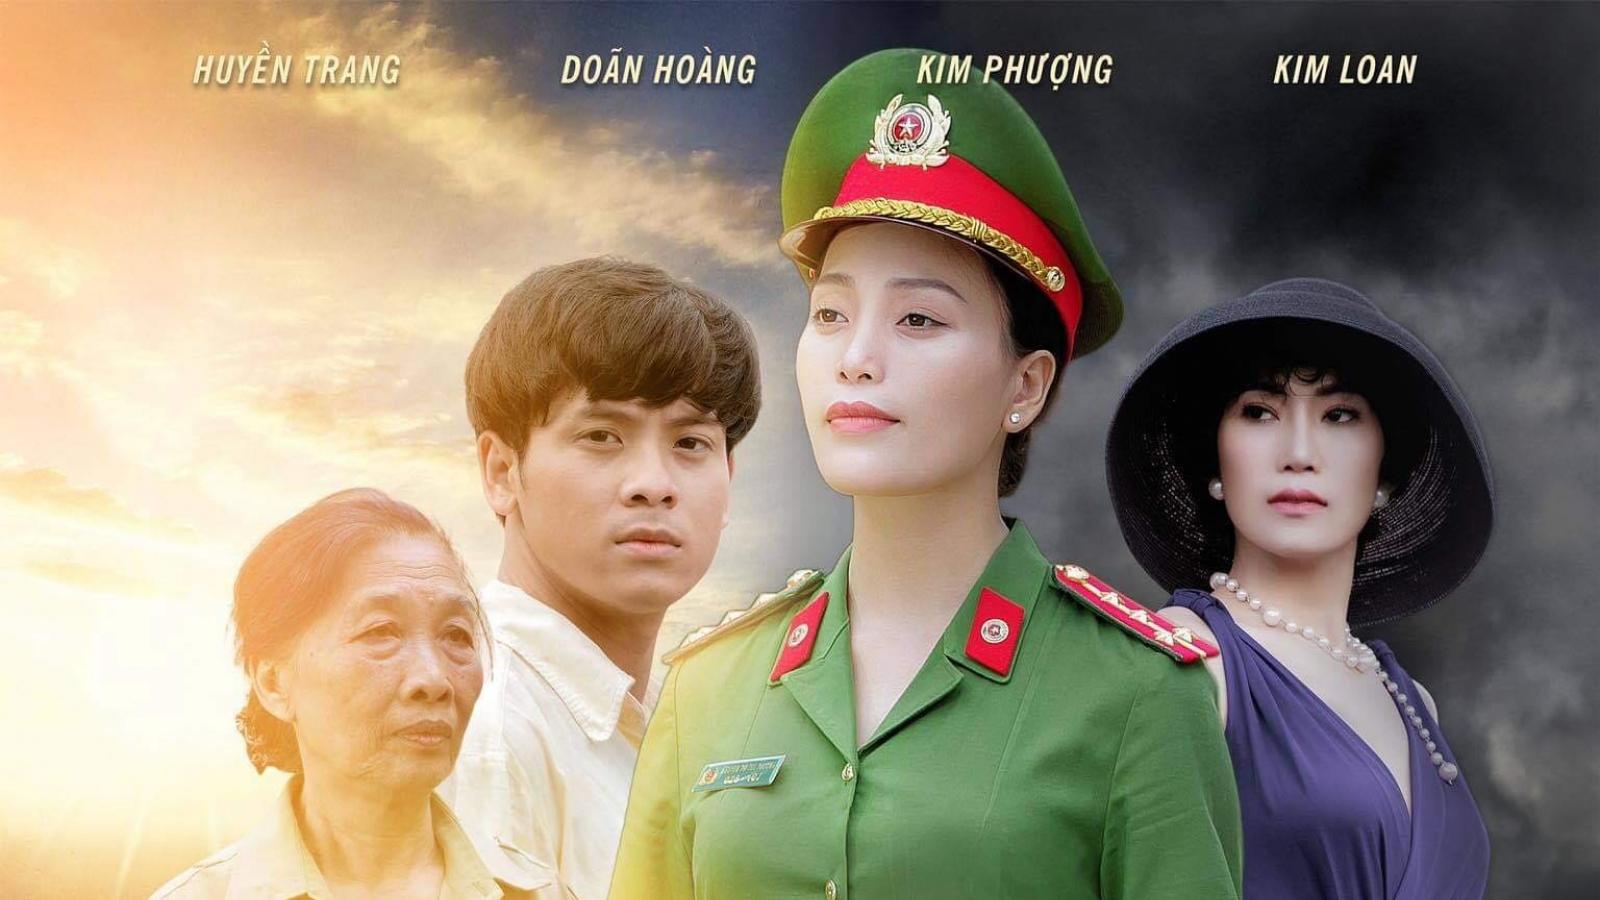 """Sao Mai Huyền Trang """"hoá"""" thành cảnh sát hình sự trong phim ca nhạc """"Nắng lên bên mẹ"""""""